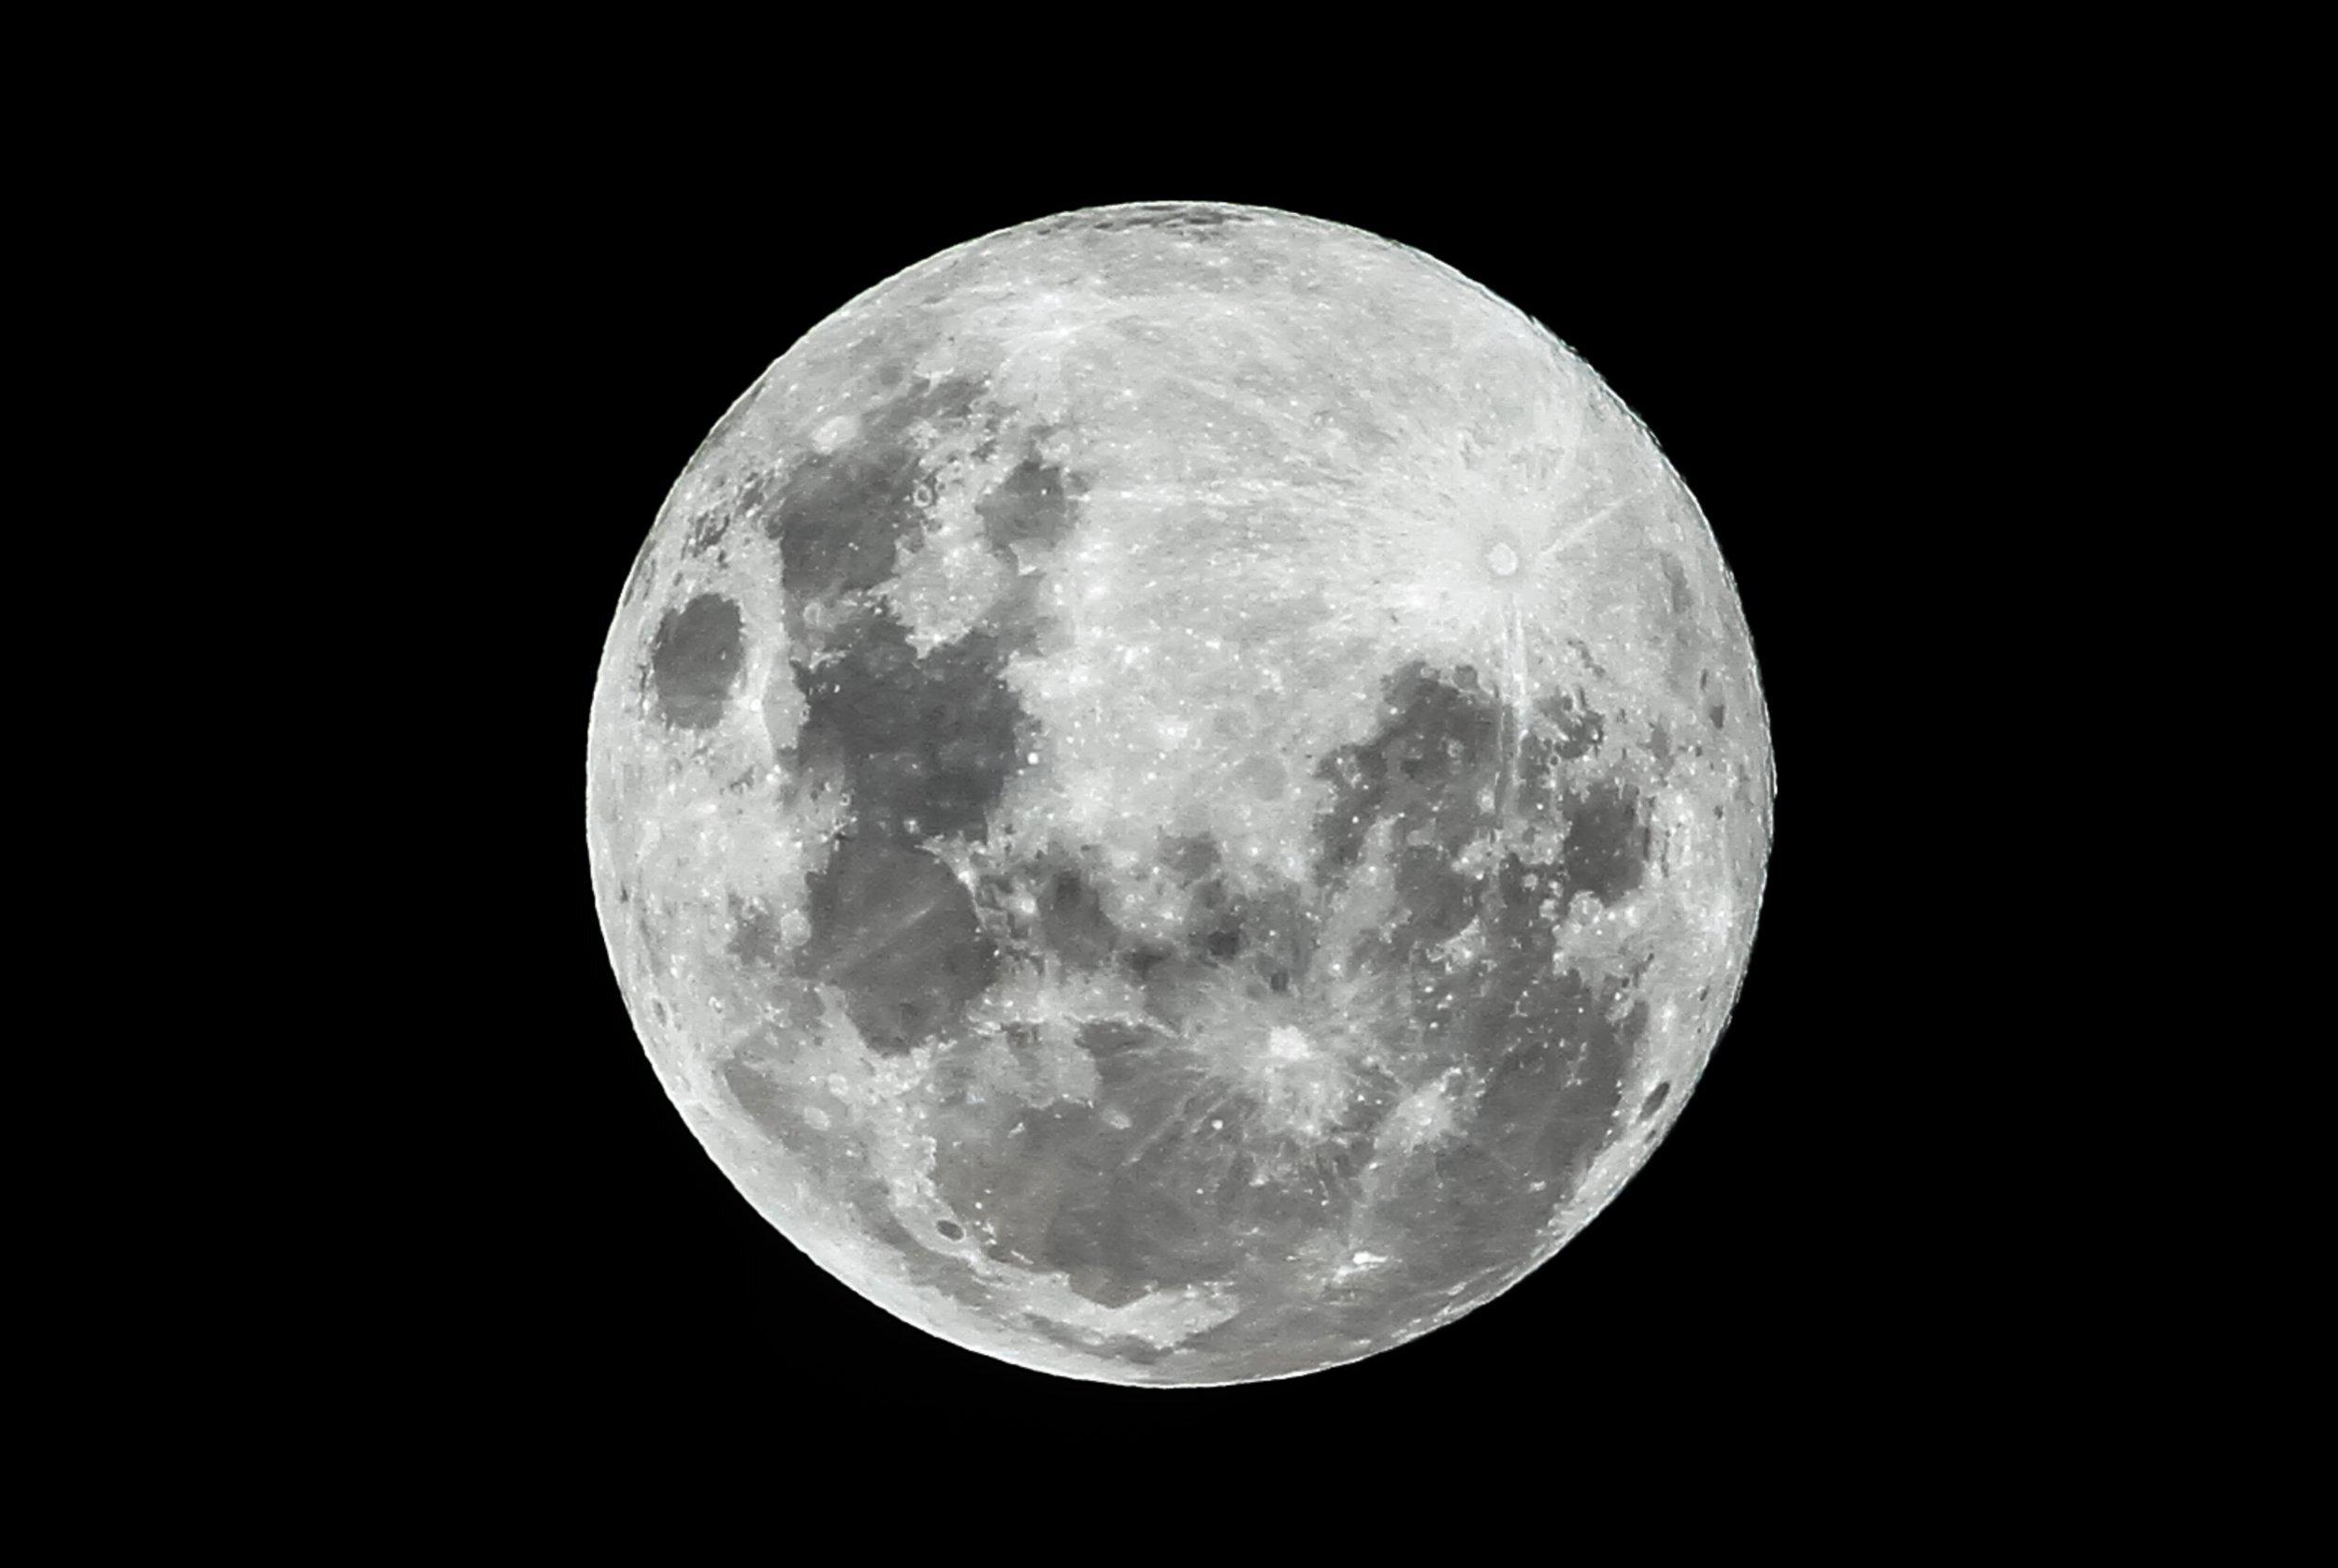 На освещённой части Луны впервые нашли воду